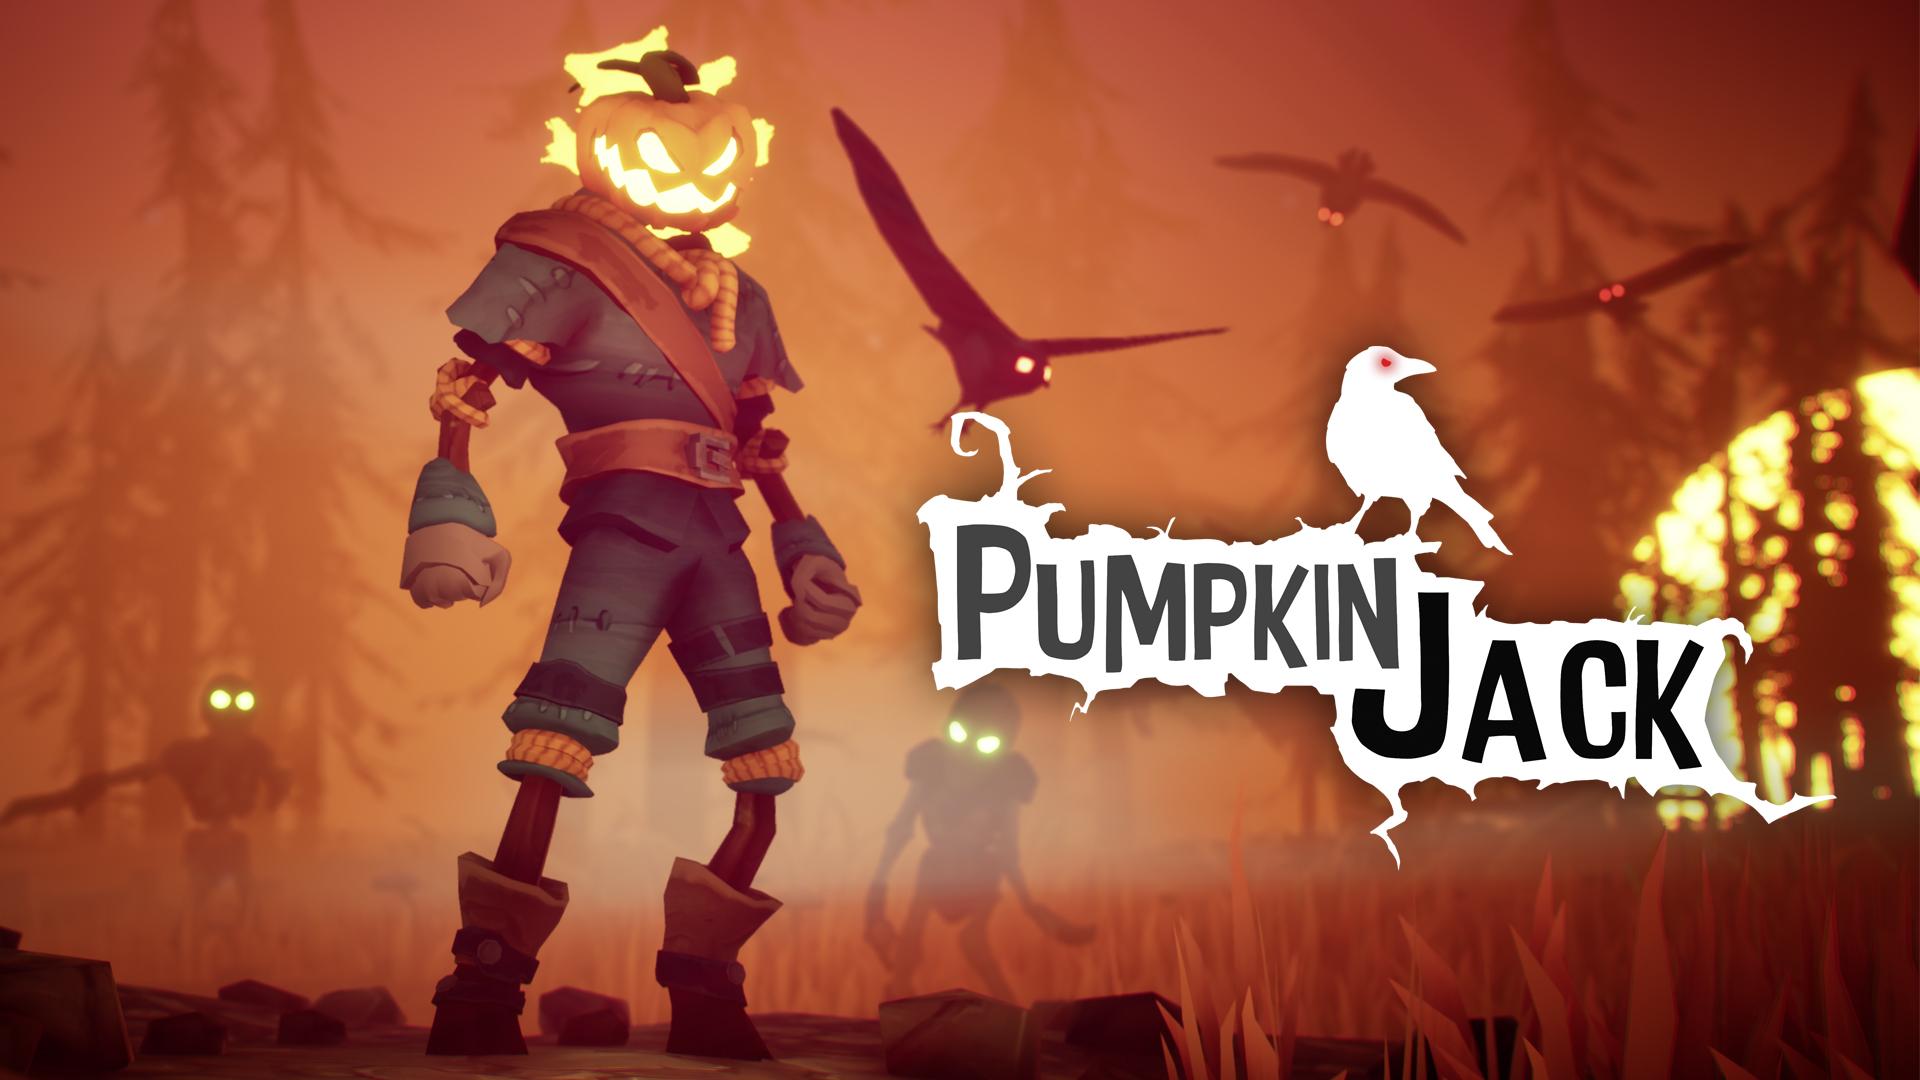 Pumpkin Jack Ya Disponible con descuento: Nintendo Switch $465.44 | XBOX $423.20 | Steam $ 223.99